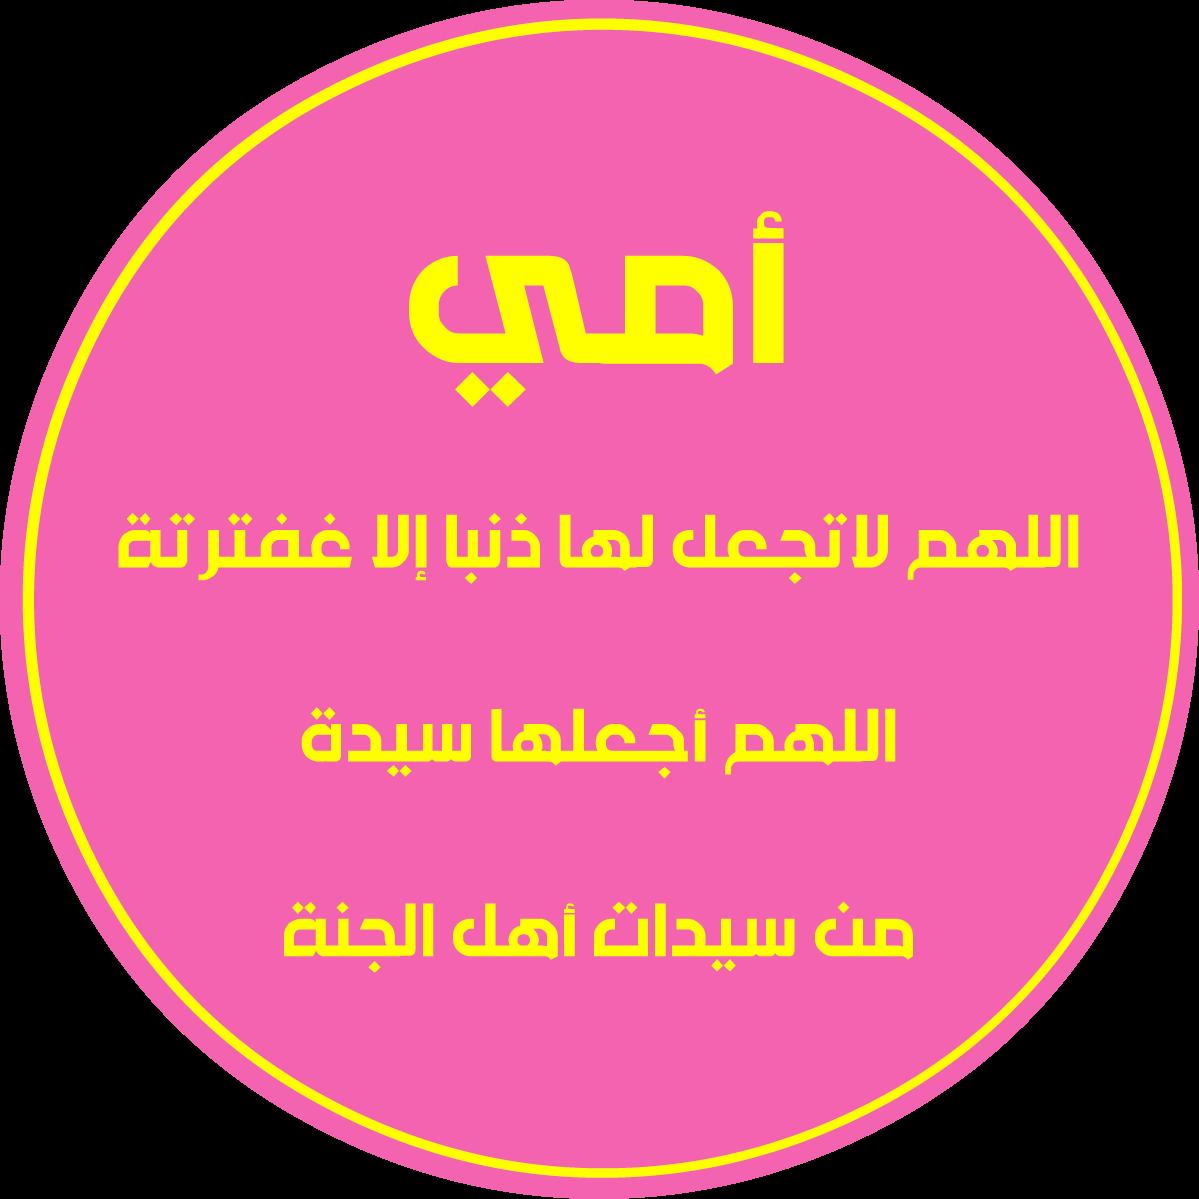 بالصور دعاء الام , اجمل الادعية الدينية للامهات 3738 1